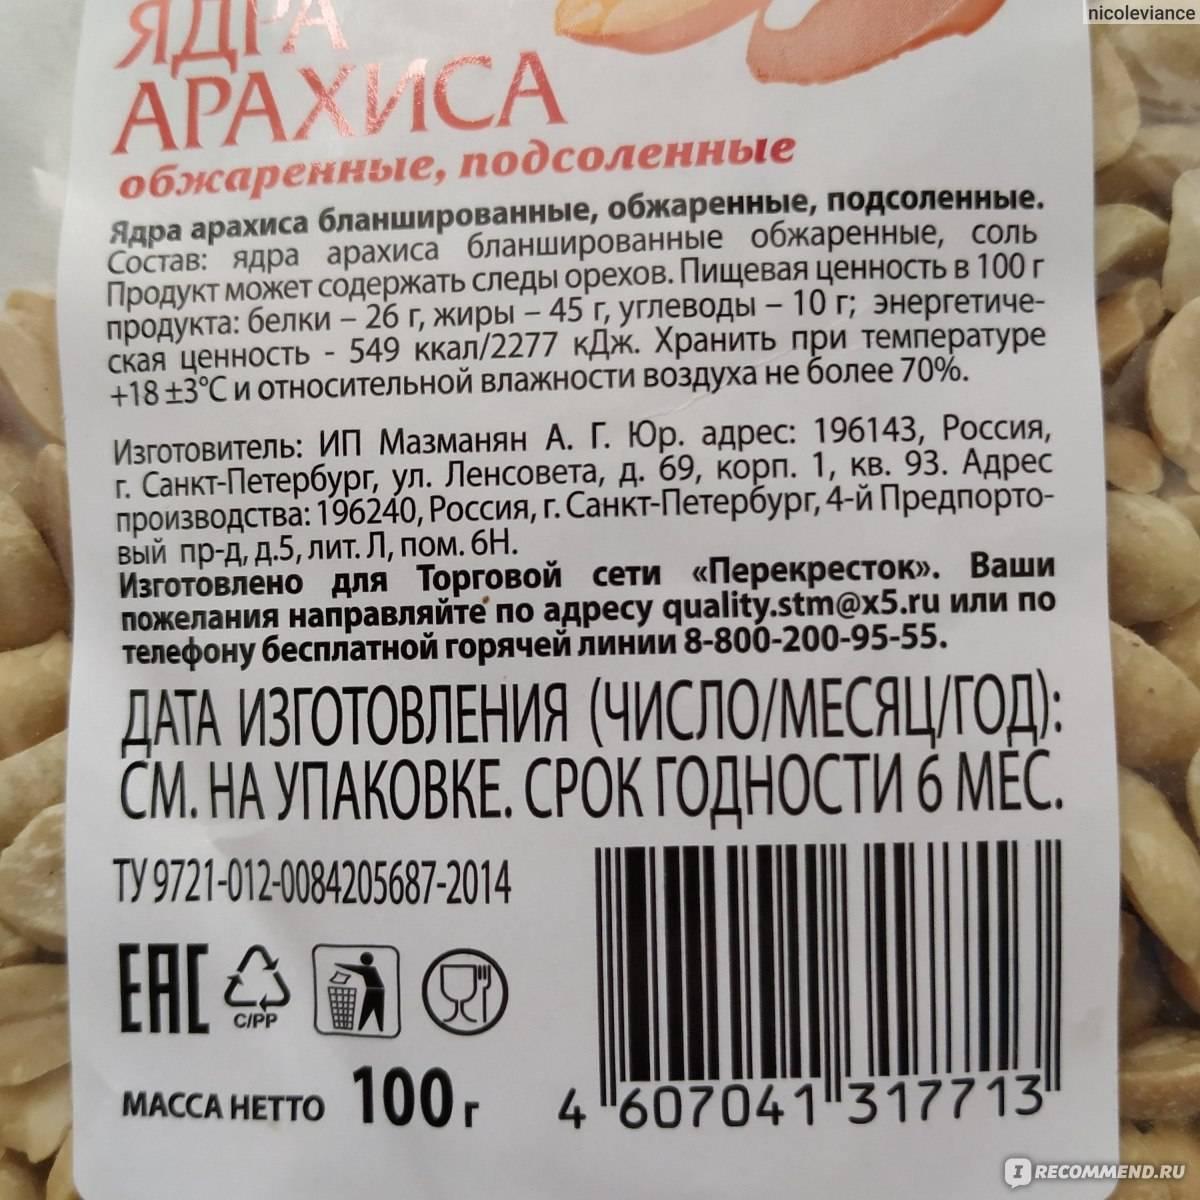 Соленый жареный арахис: польза и чем вреден